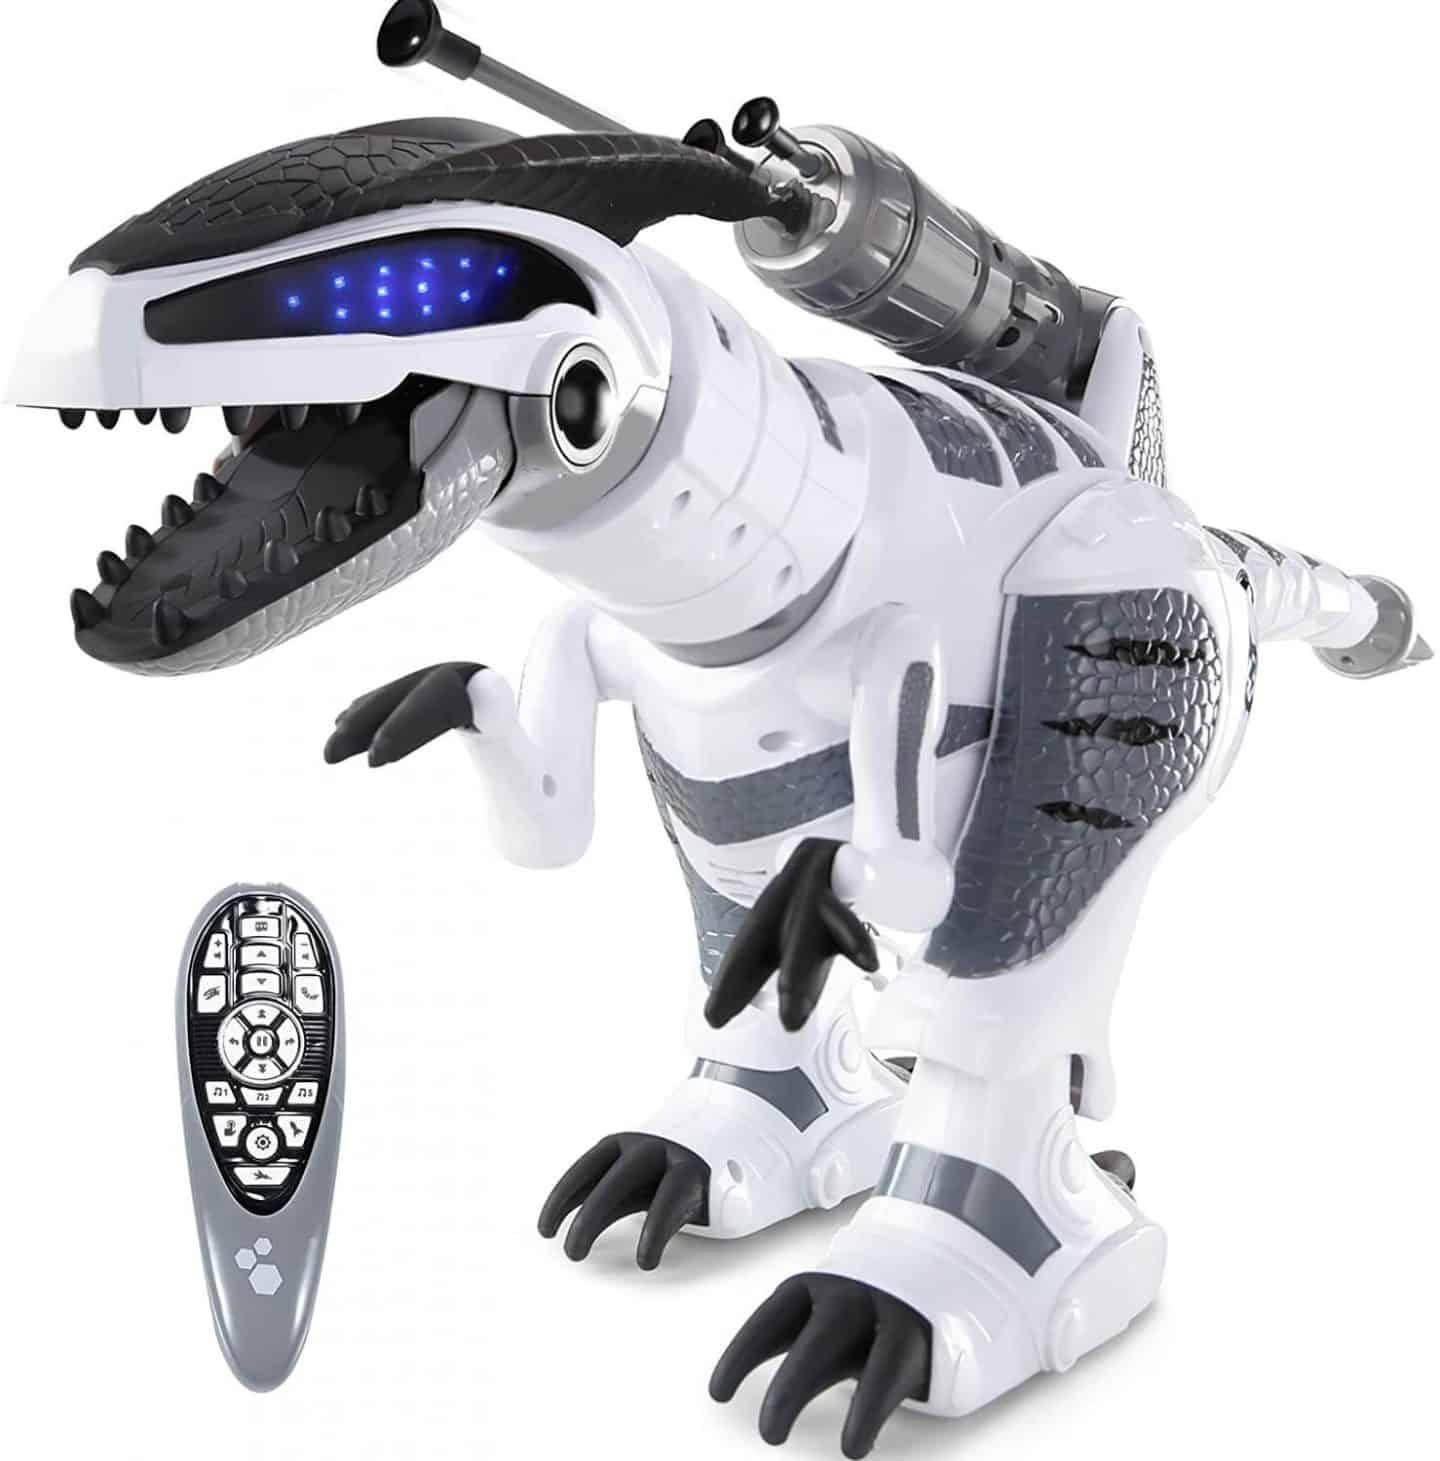 RC Dinosaur Robot - Touch Sensing Robot with Battle Mode, Roar & Dance,